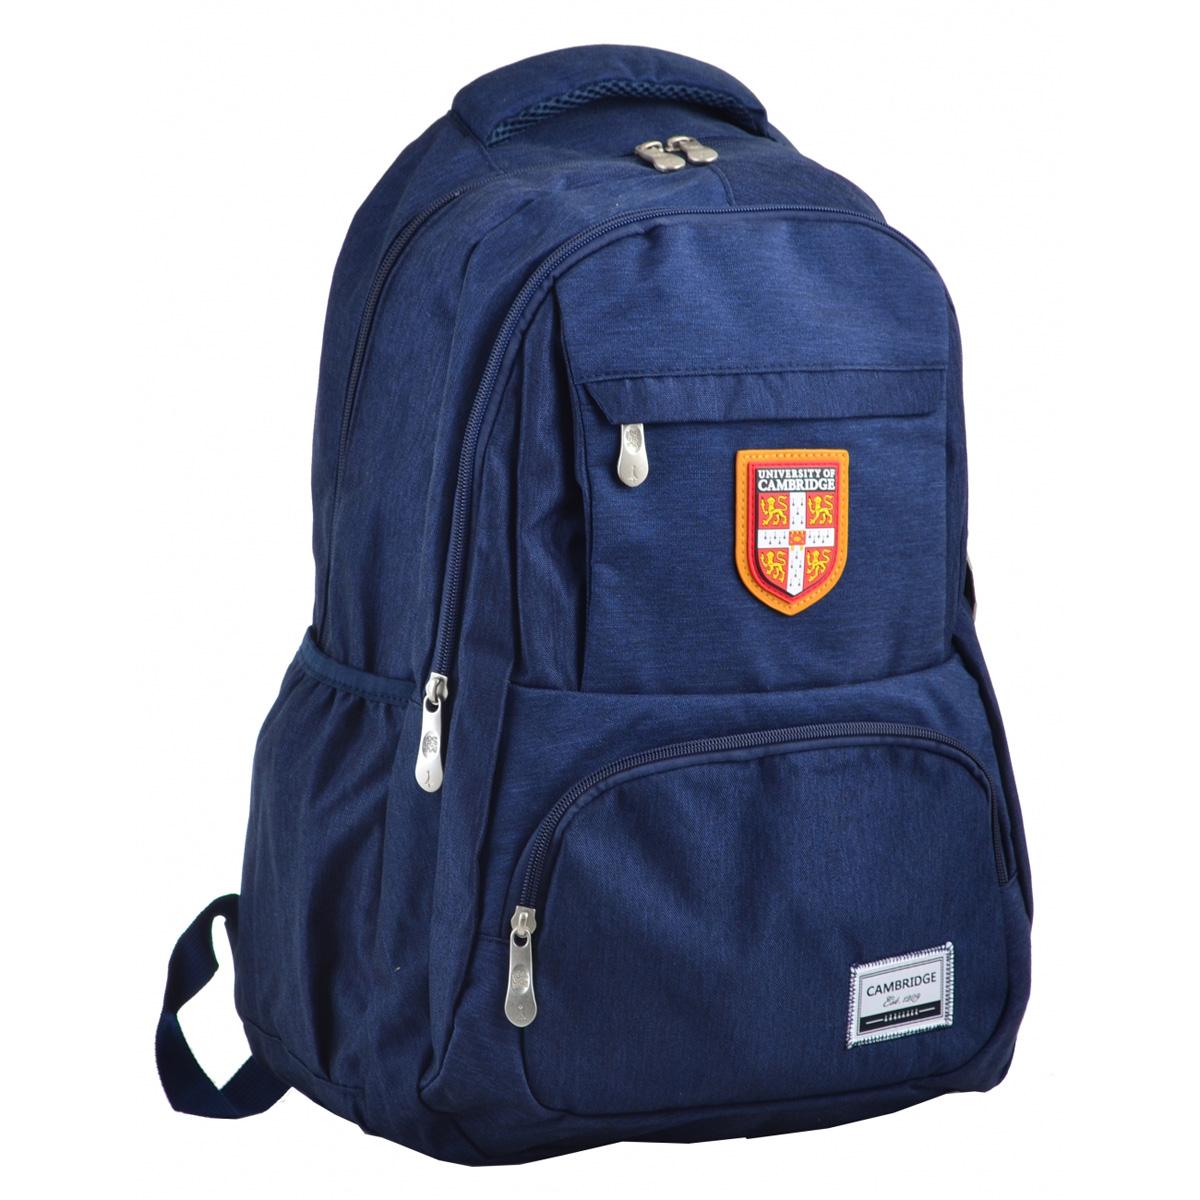 Рюкзак молодежный CA 145, 47*31*15, синий